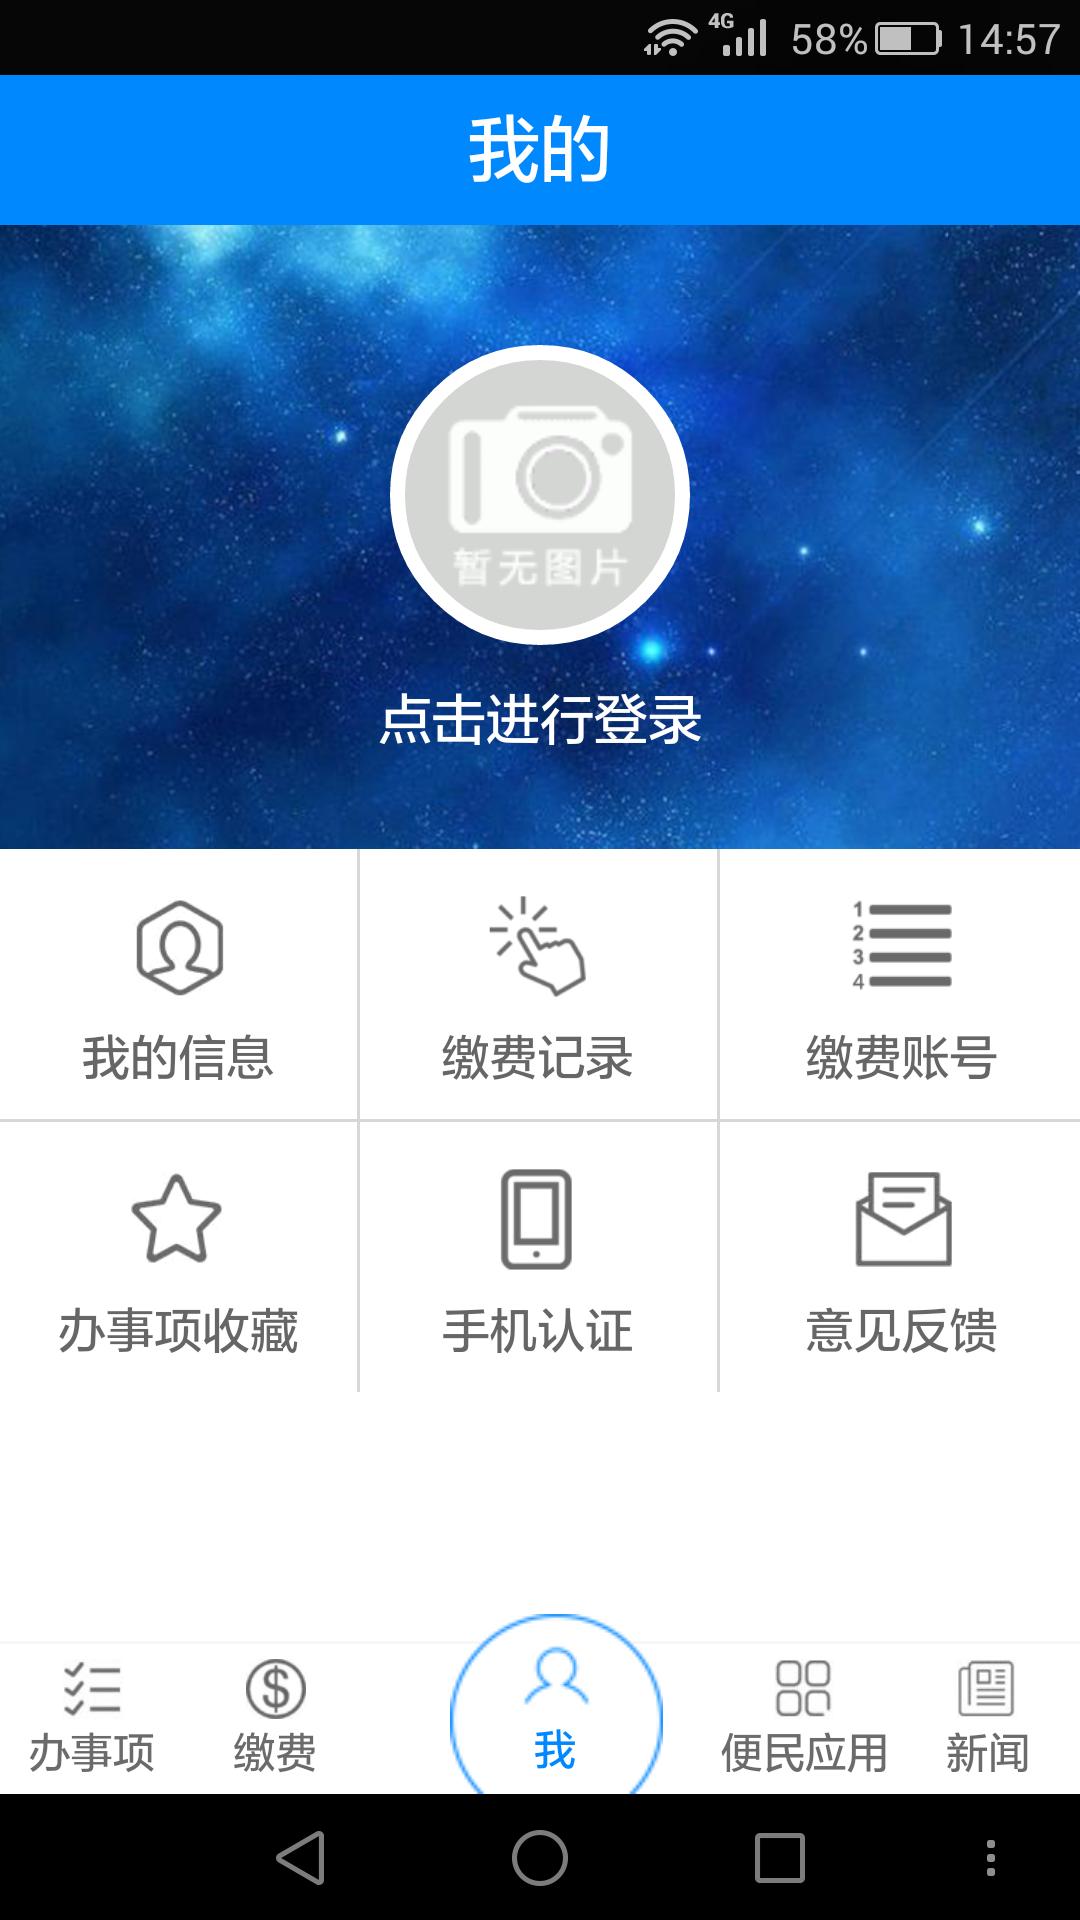 安阳市民之家官网app下载图4: